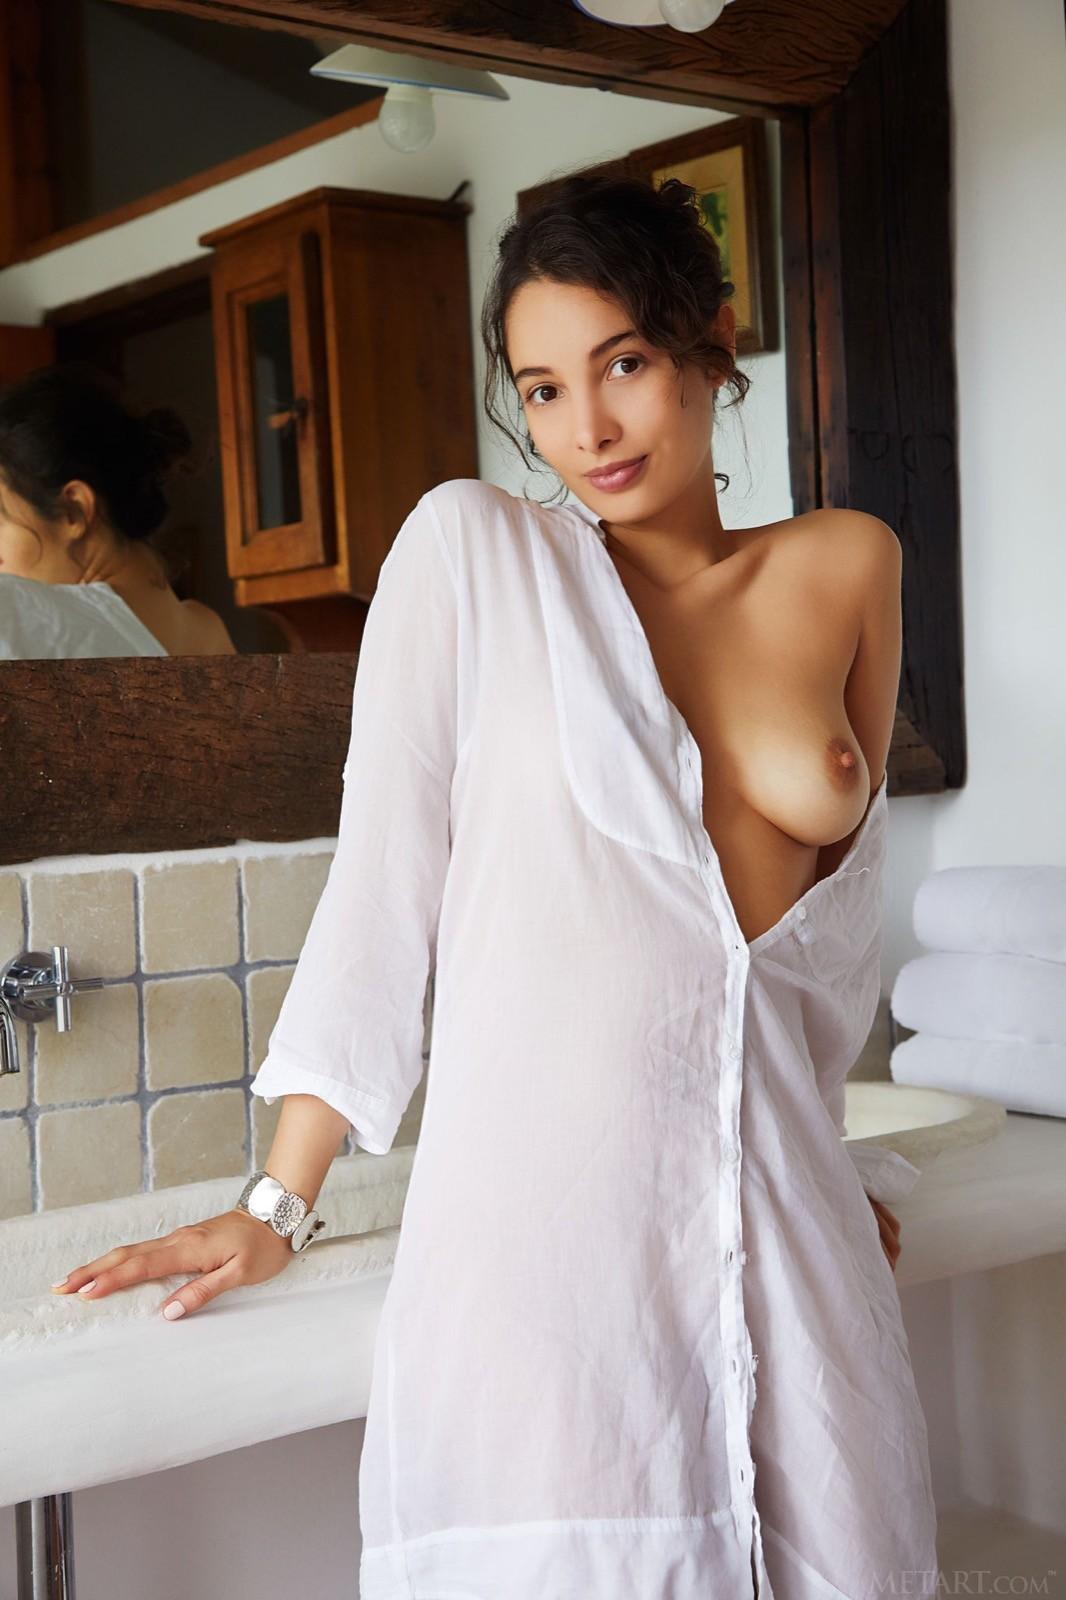 Колумбийка в длинной рубашке на голое тело - фото